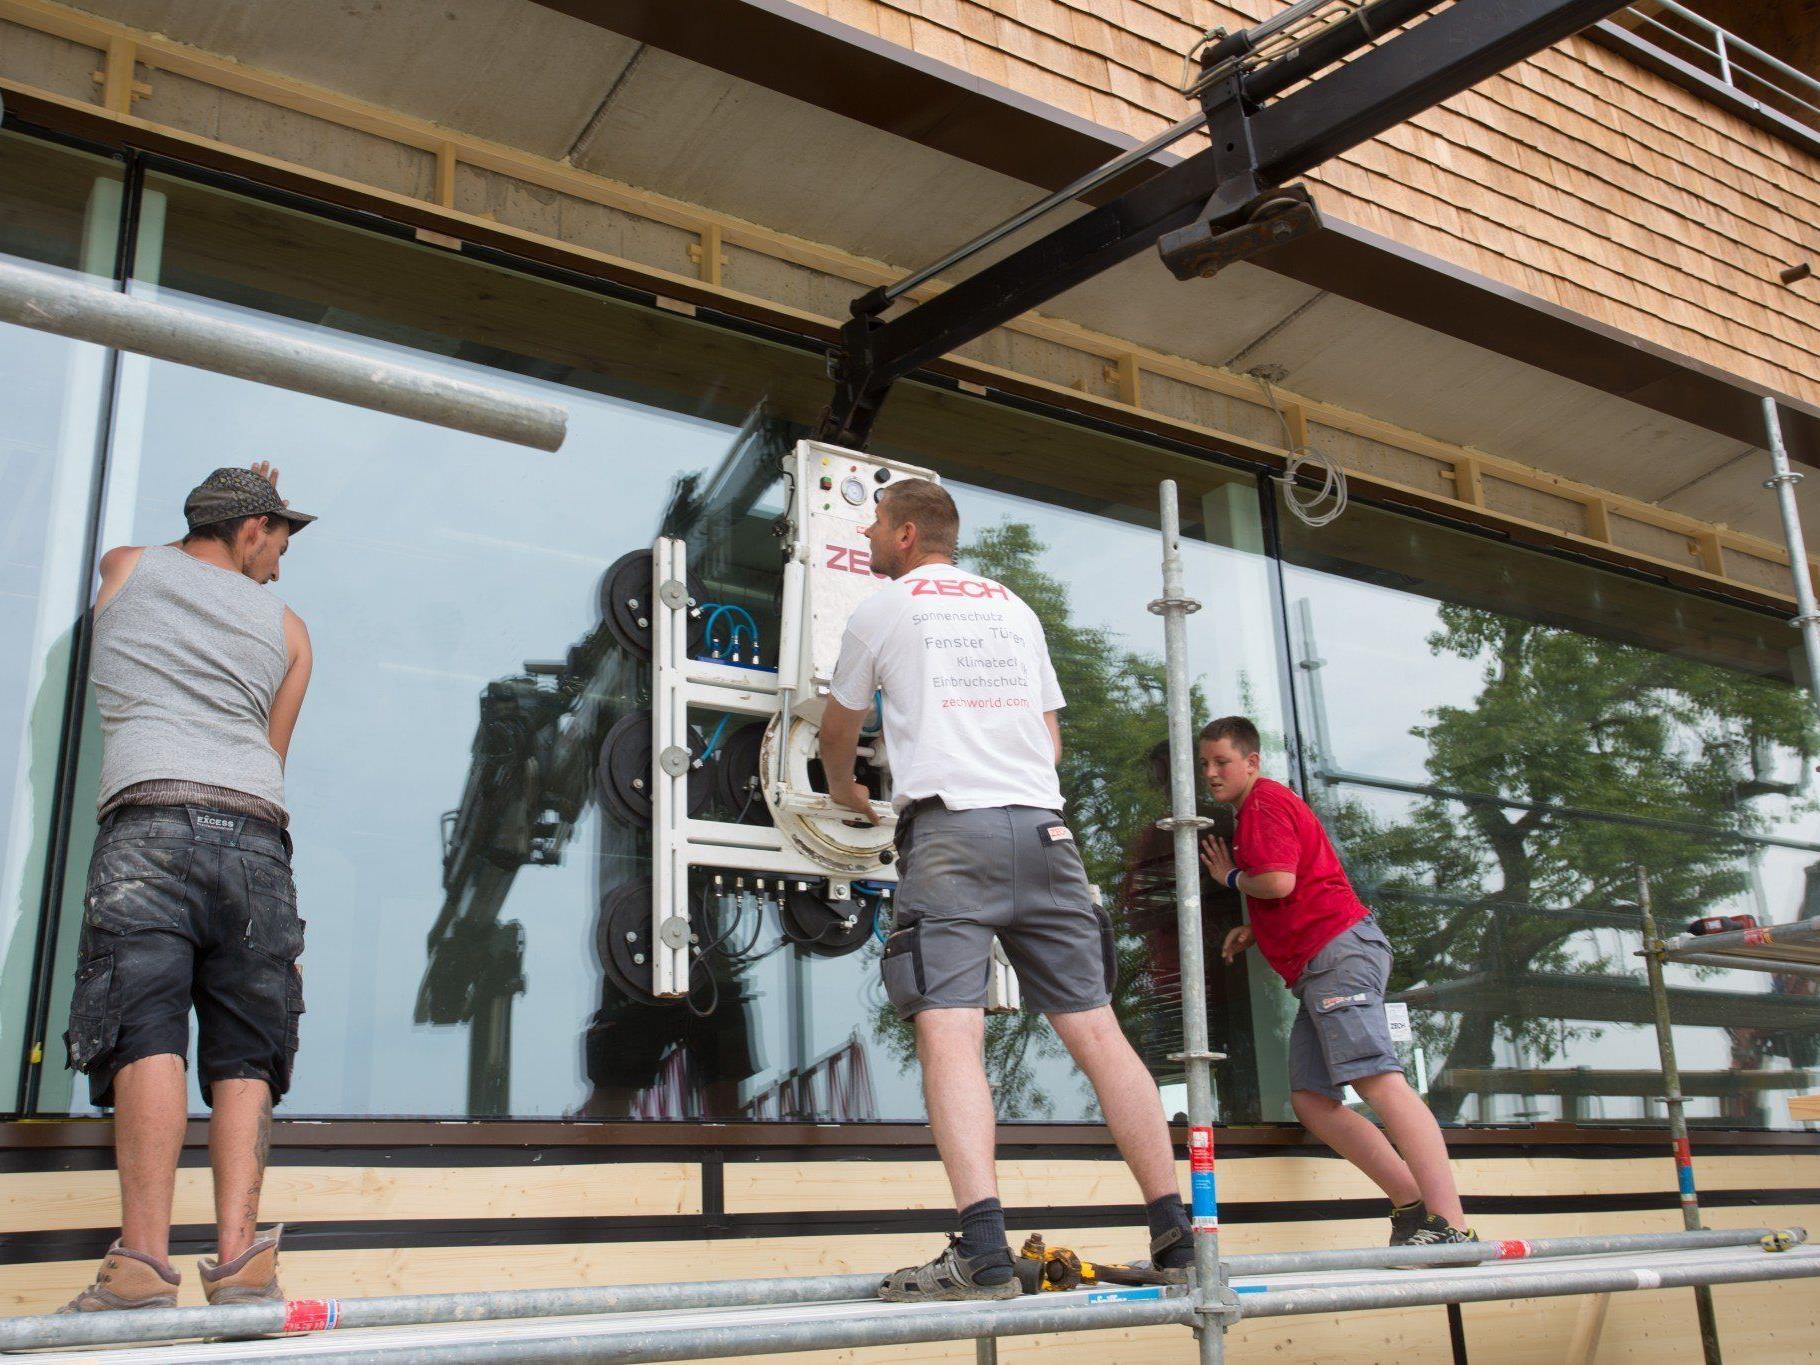 Bei den Bauarbeiten setzte Familie Fritsch auf regionale Wertschöpfung: Materialien und ausführende Unternehmen stammen aus der Region.